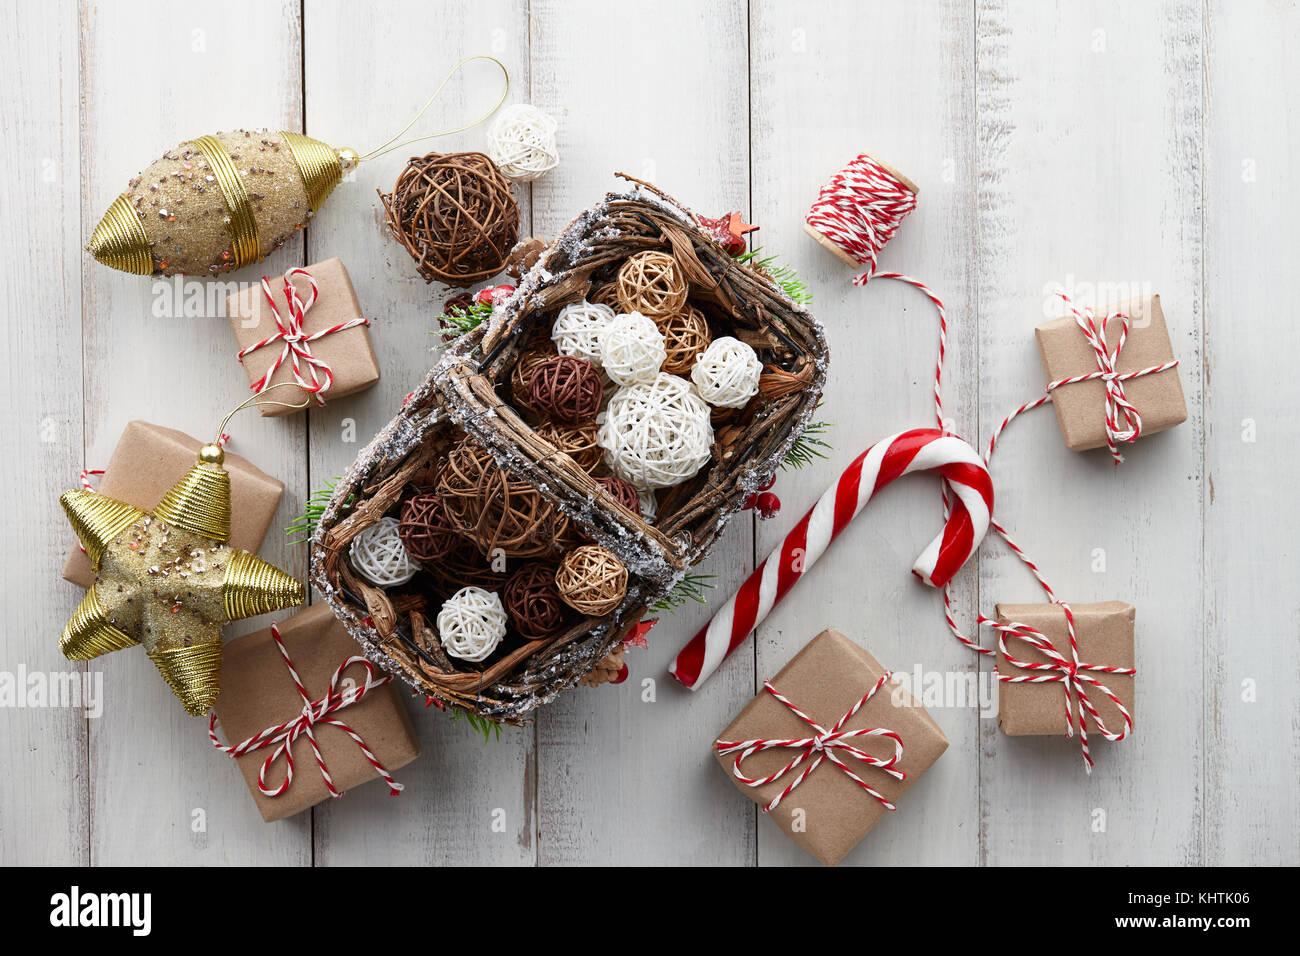 Tolle Billig Weihnachten Geschenkkörbe Bilder - Weihnachtsbilder ...